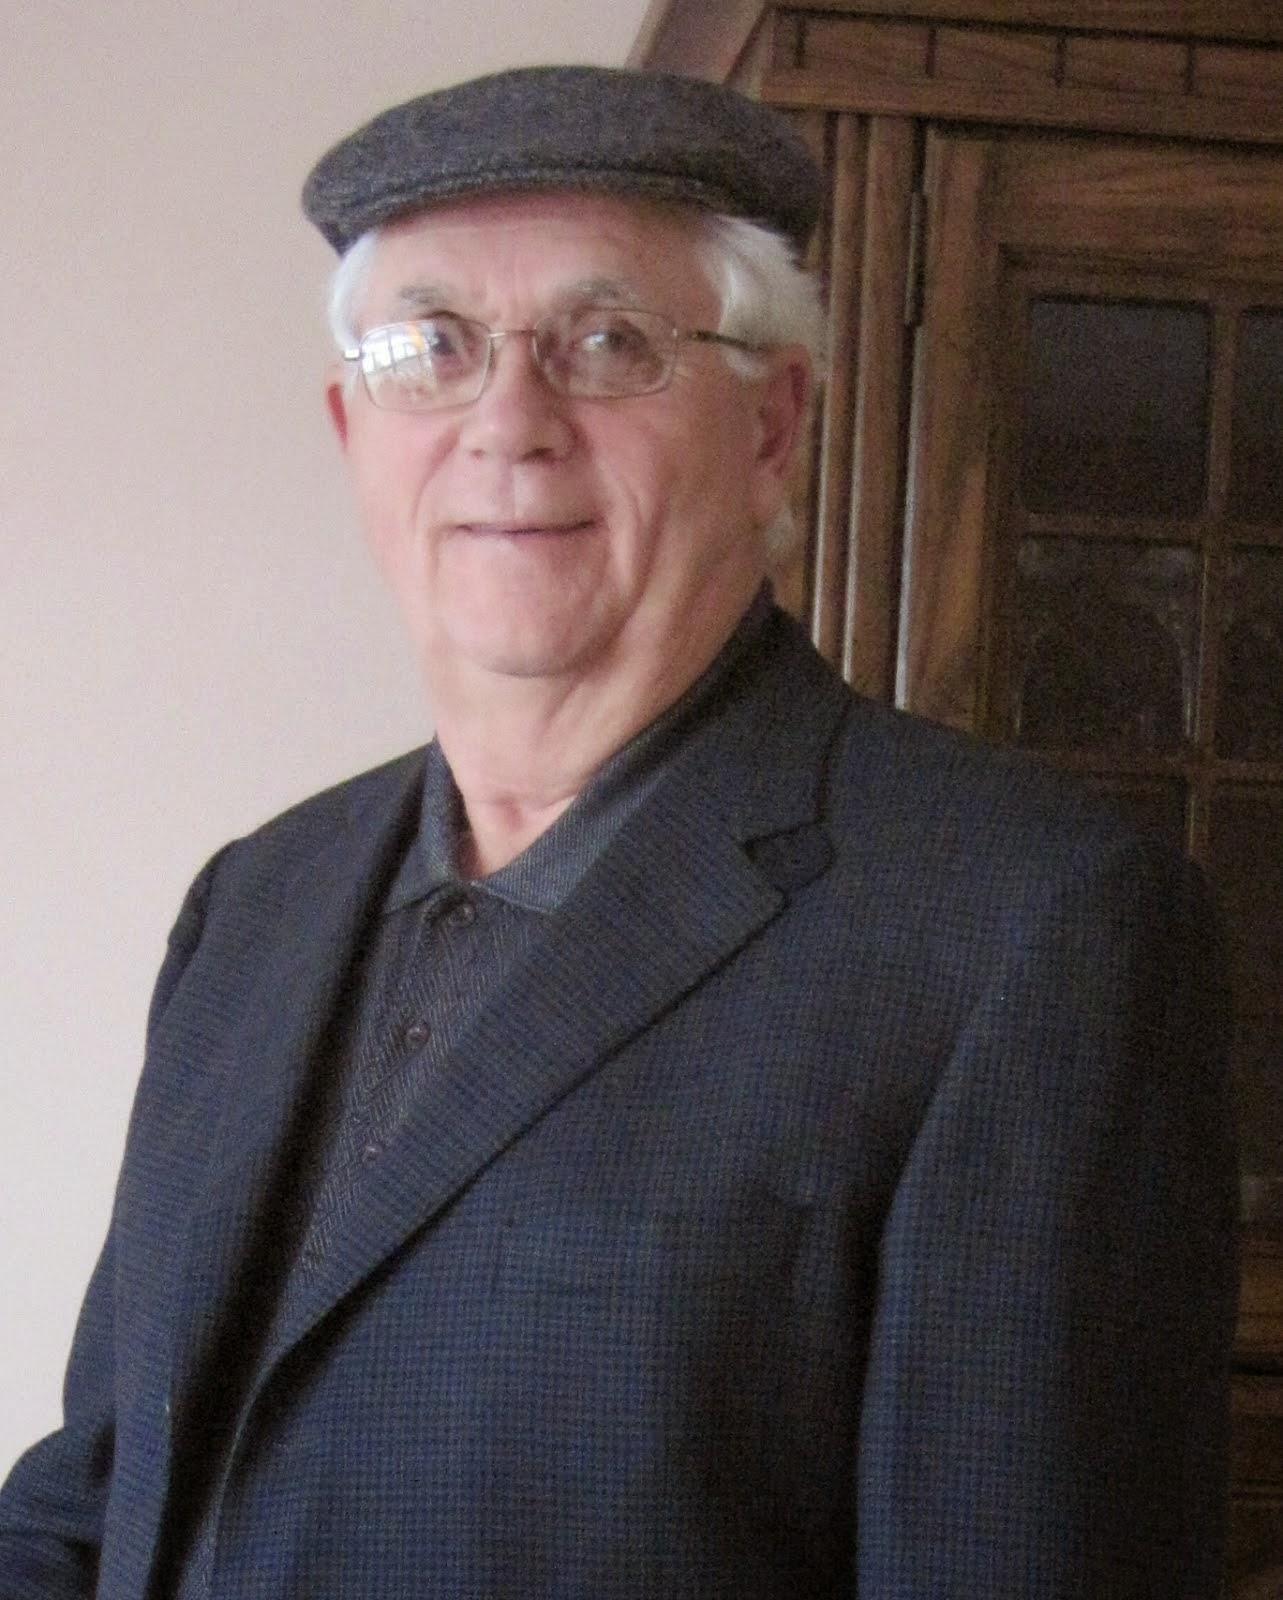 Jim McKane